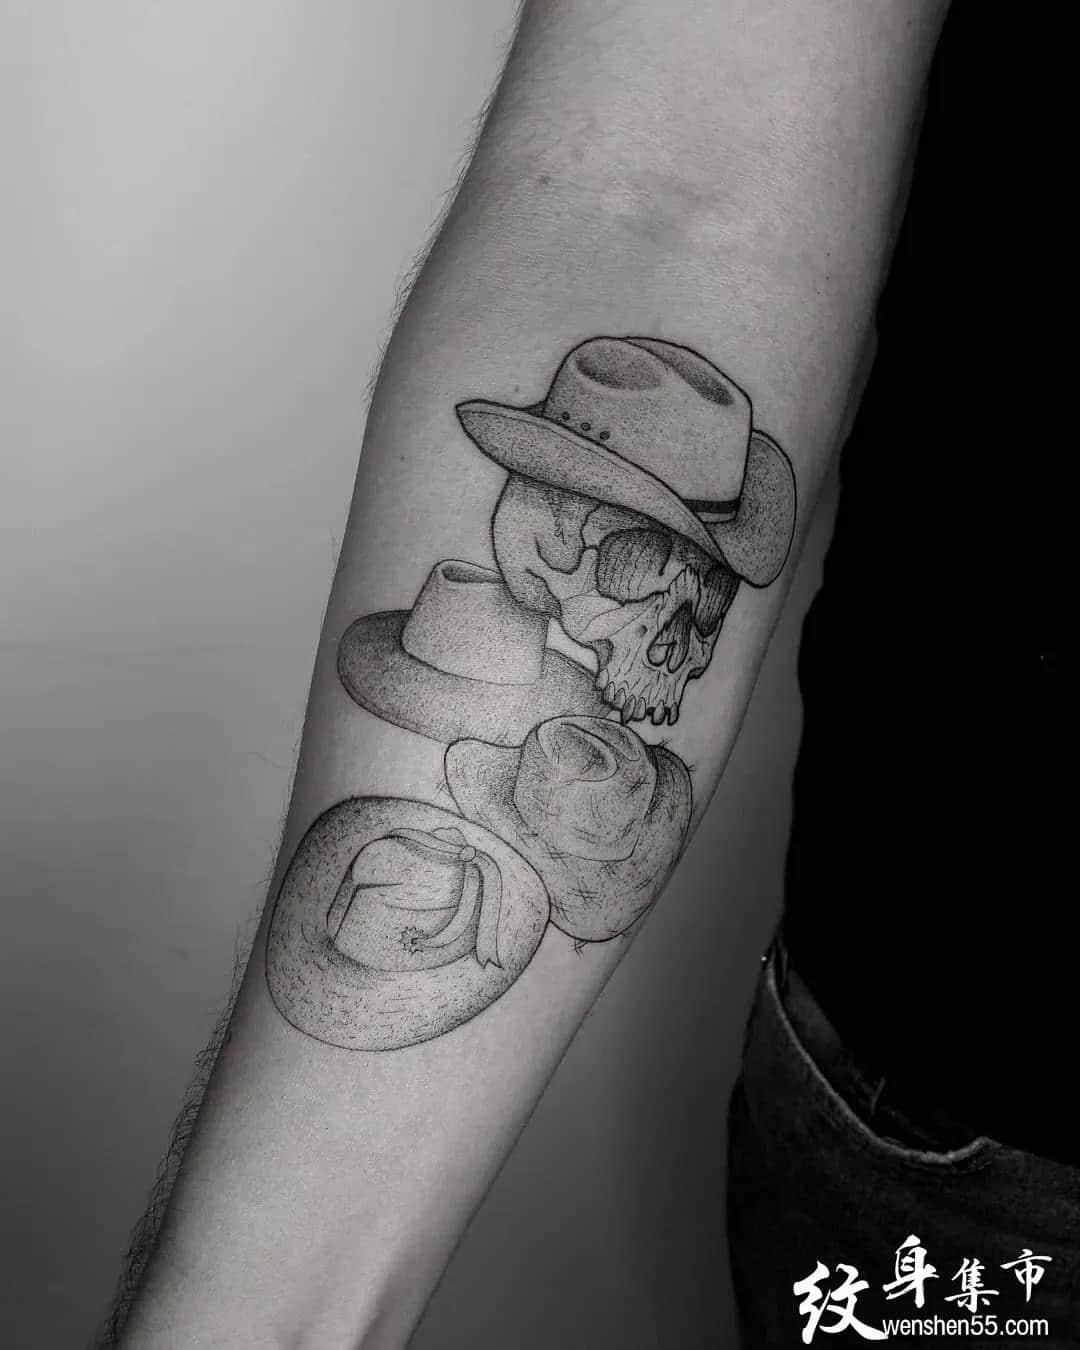 帽子纹身,帽子纹身手稿,帽子纹身手稿图案